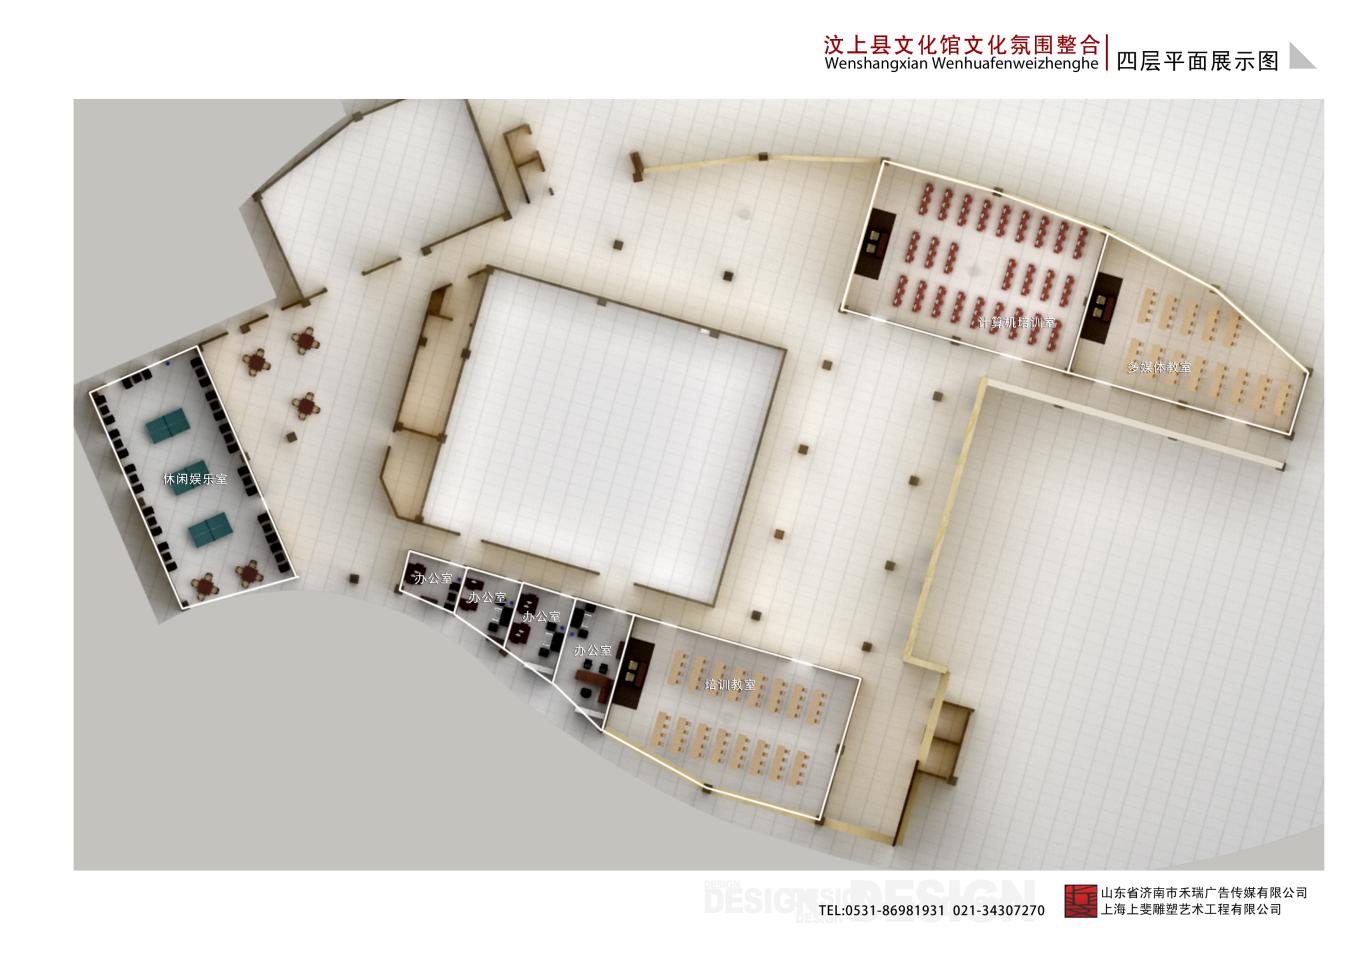 文化艺术中心图33